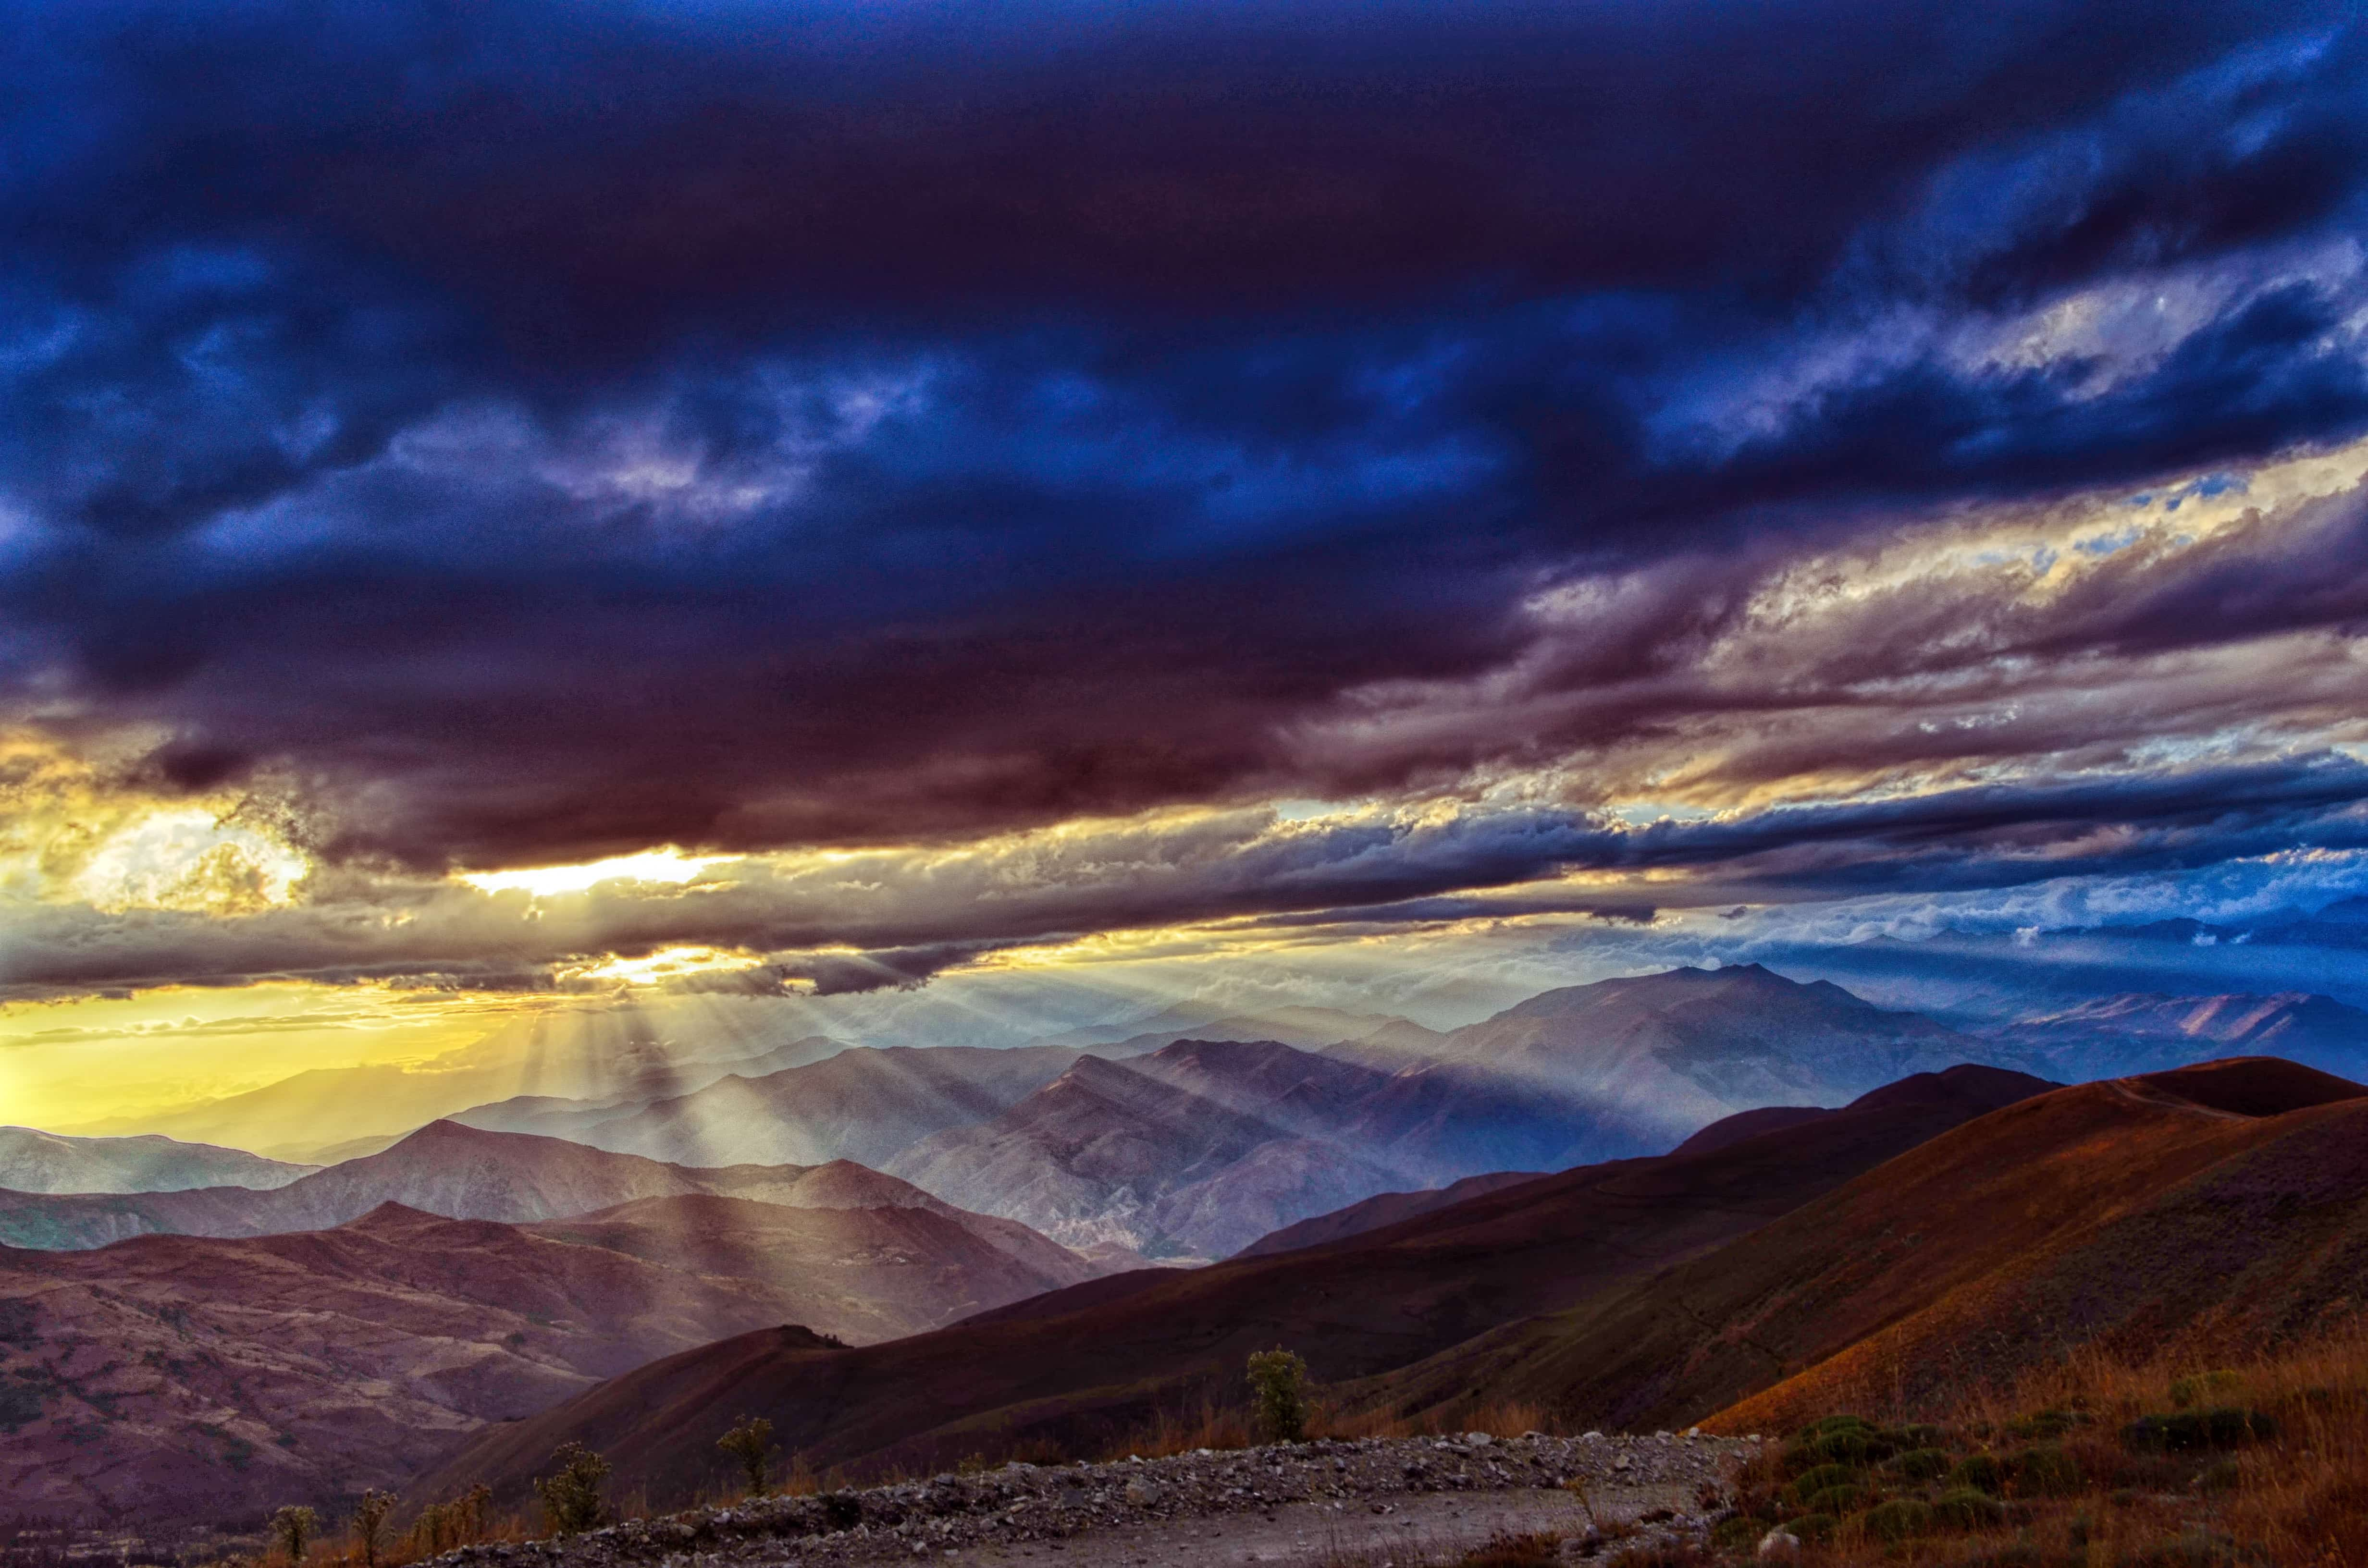 山と雲、そして太陽